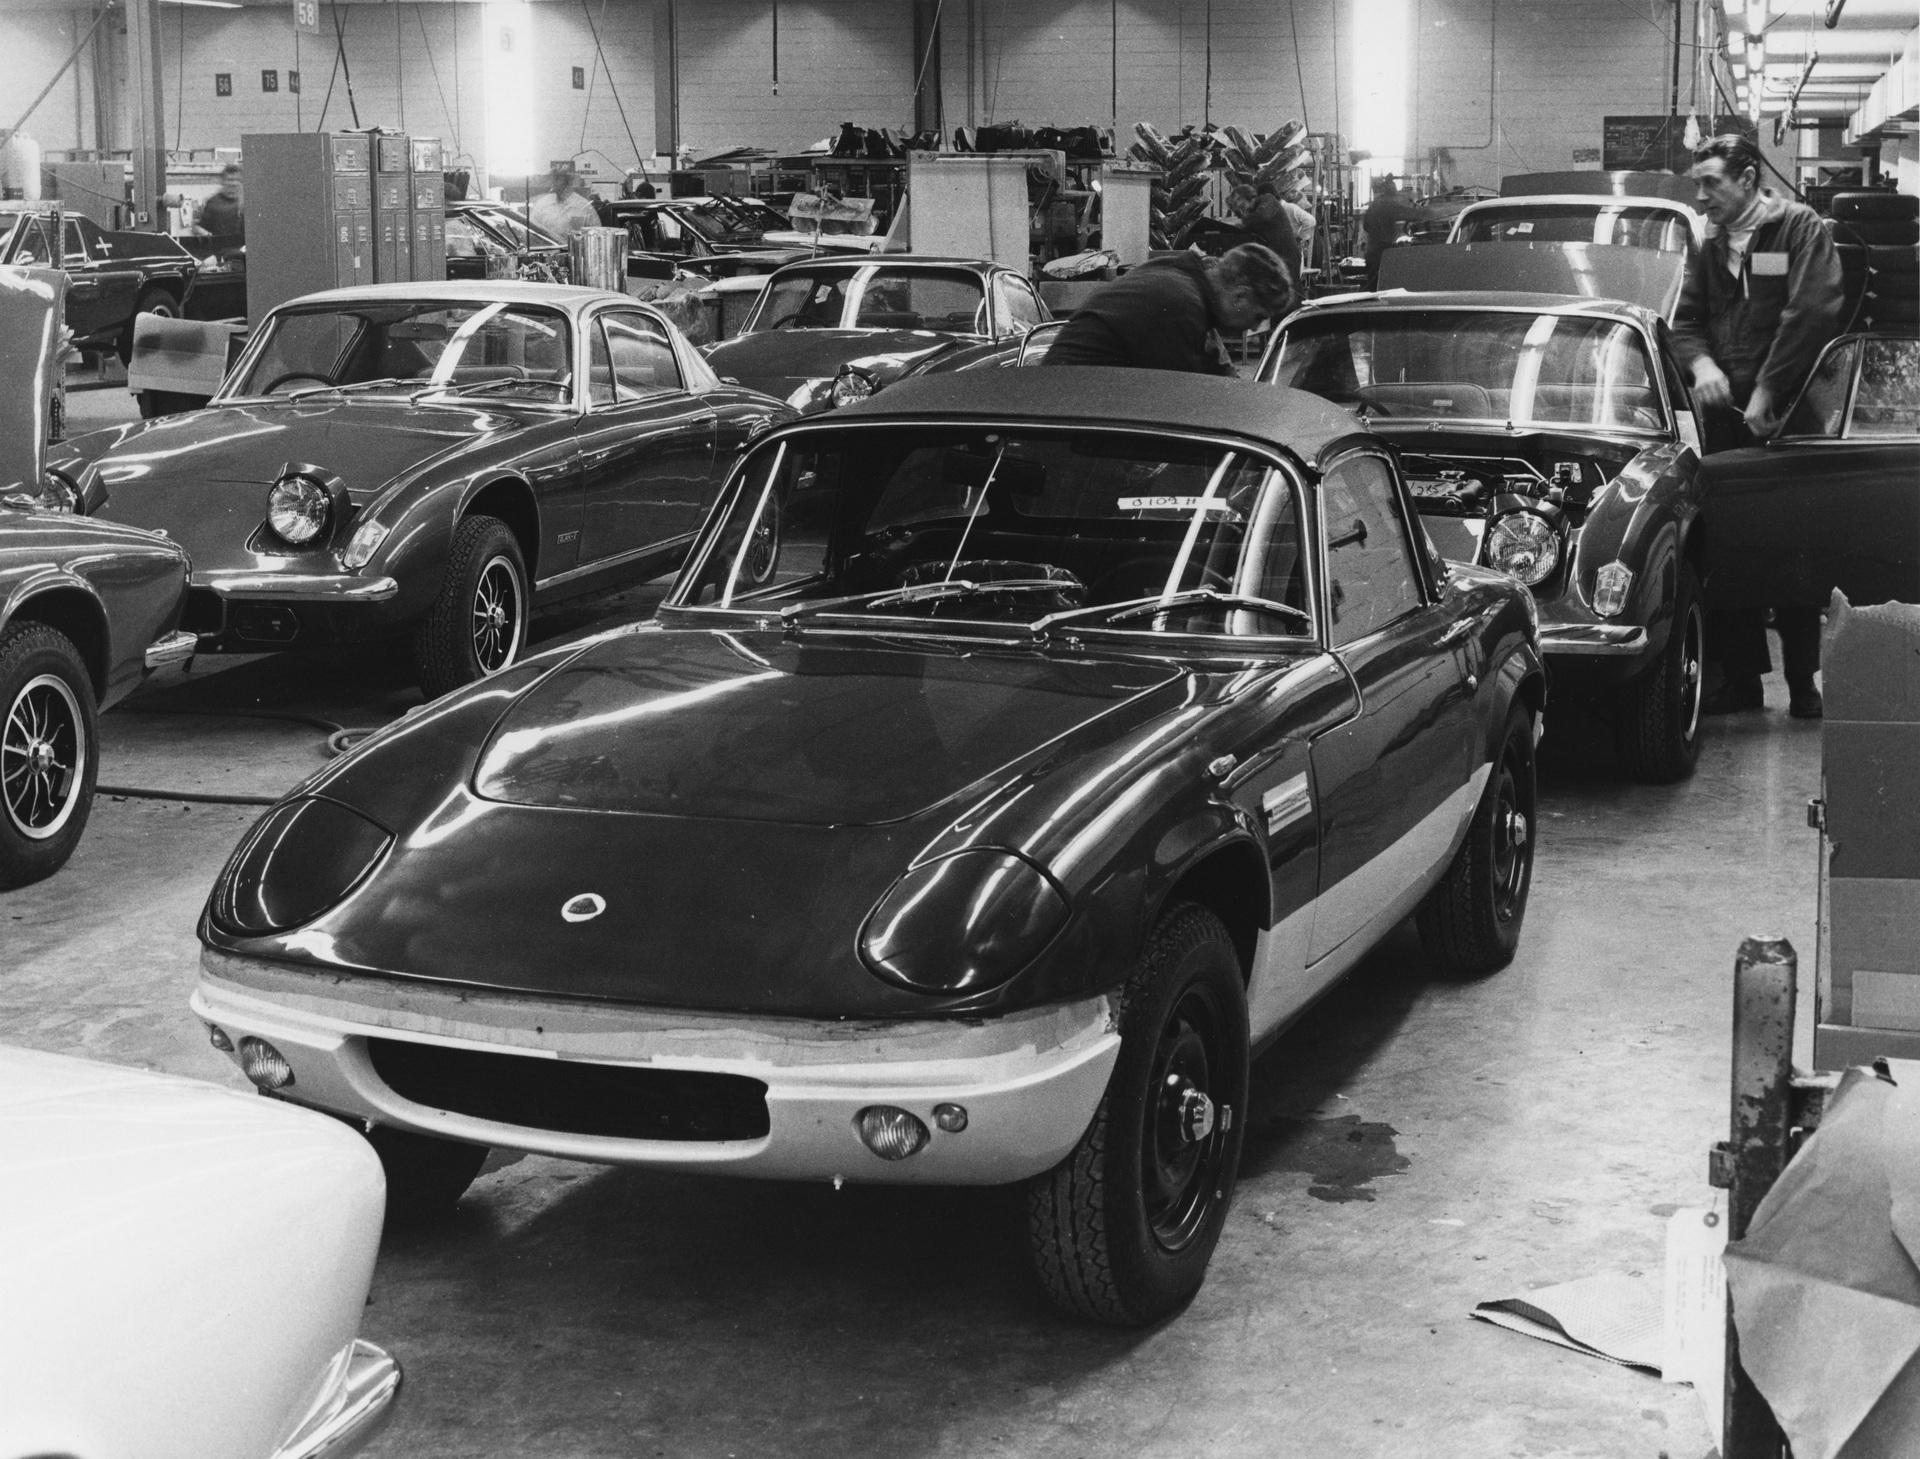 Những mẫu xe có đèn pha cụp-xoè quyến rũ nhất thế giới